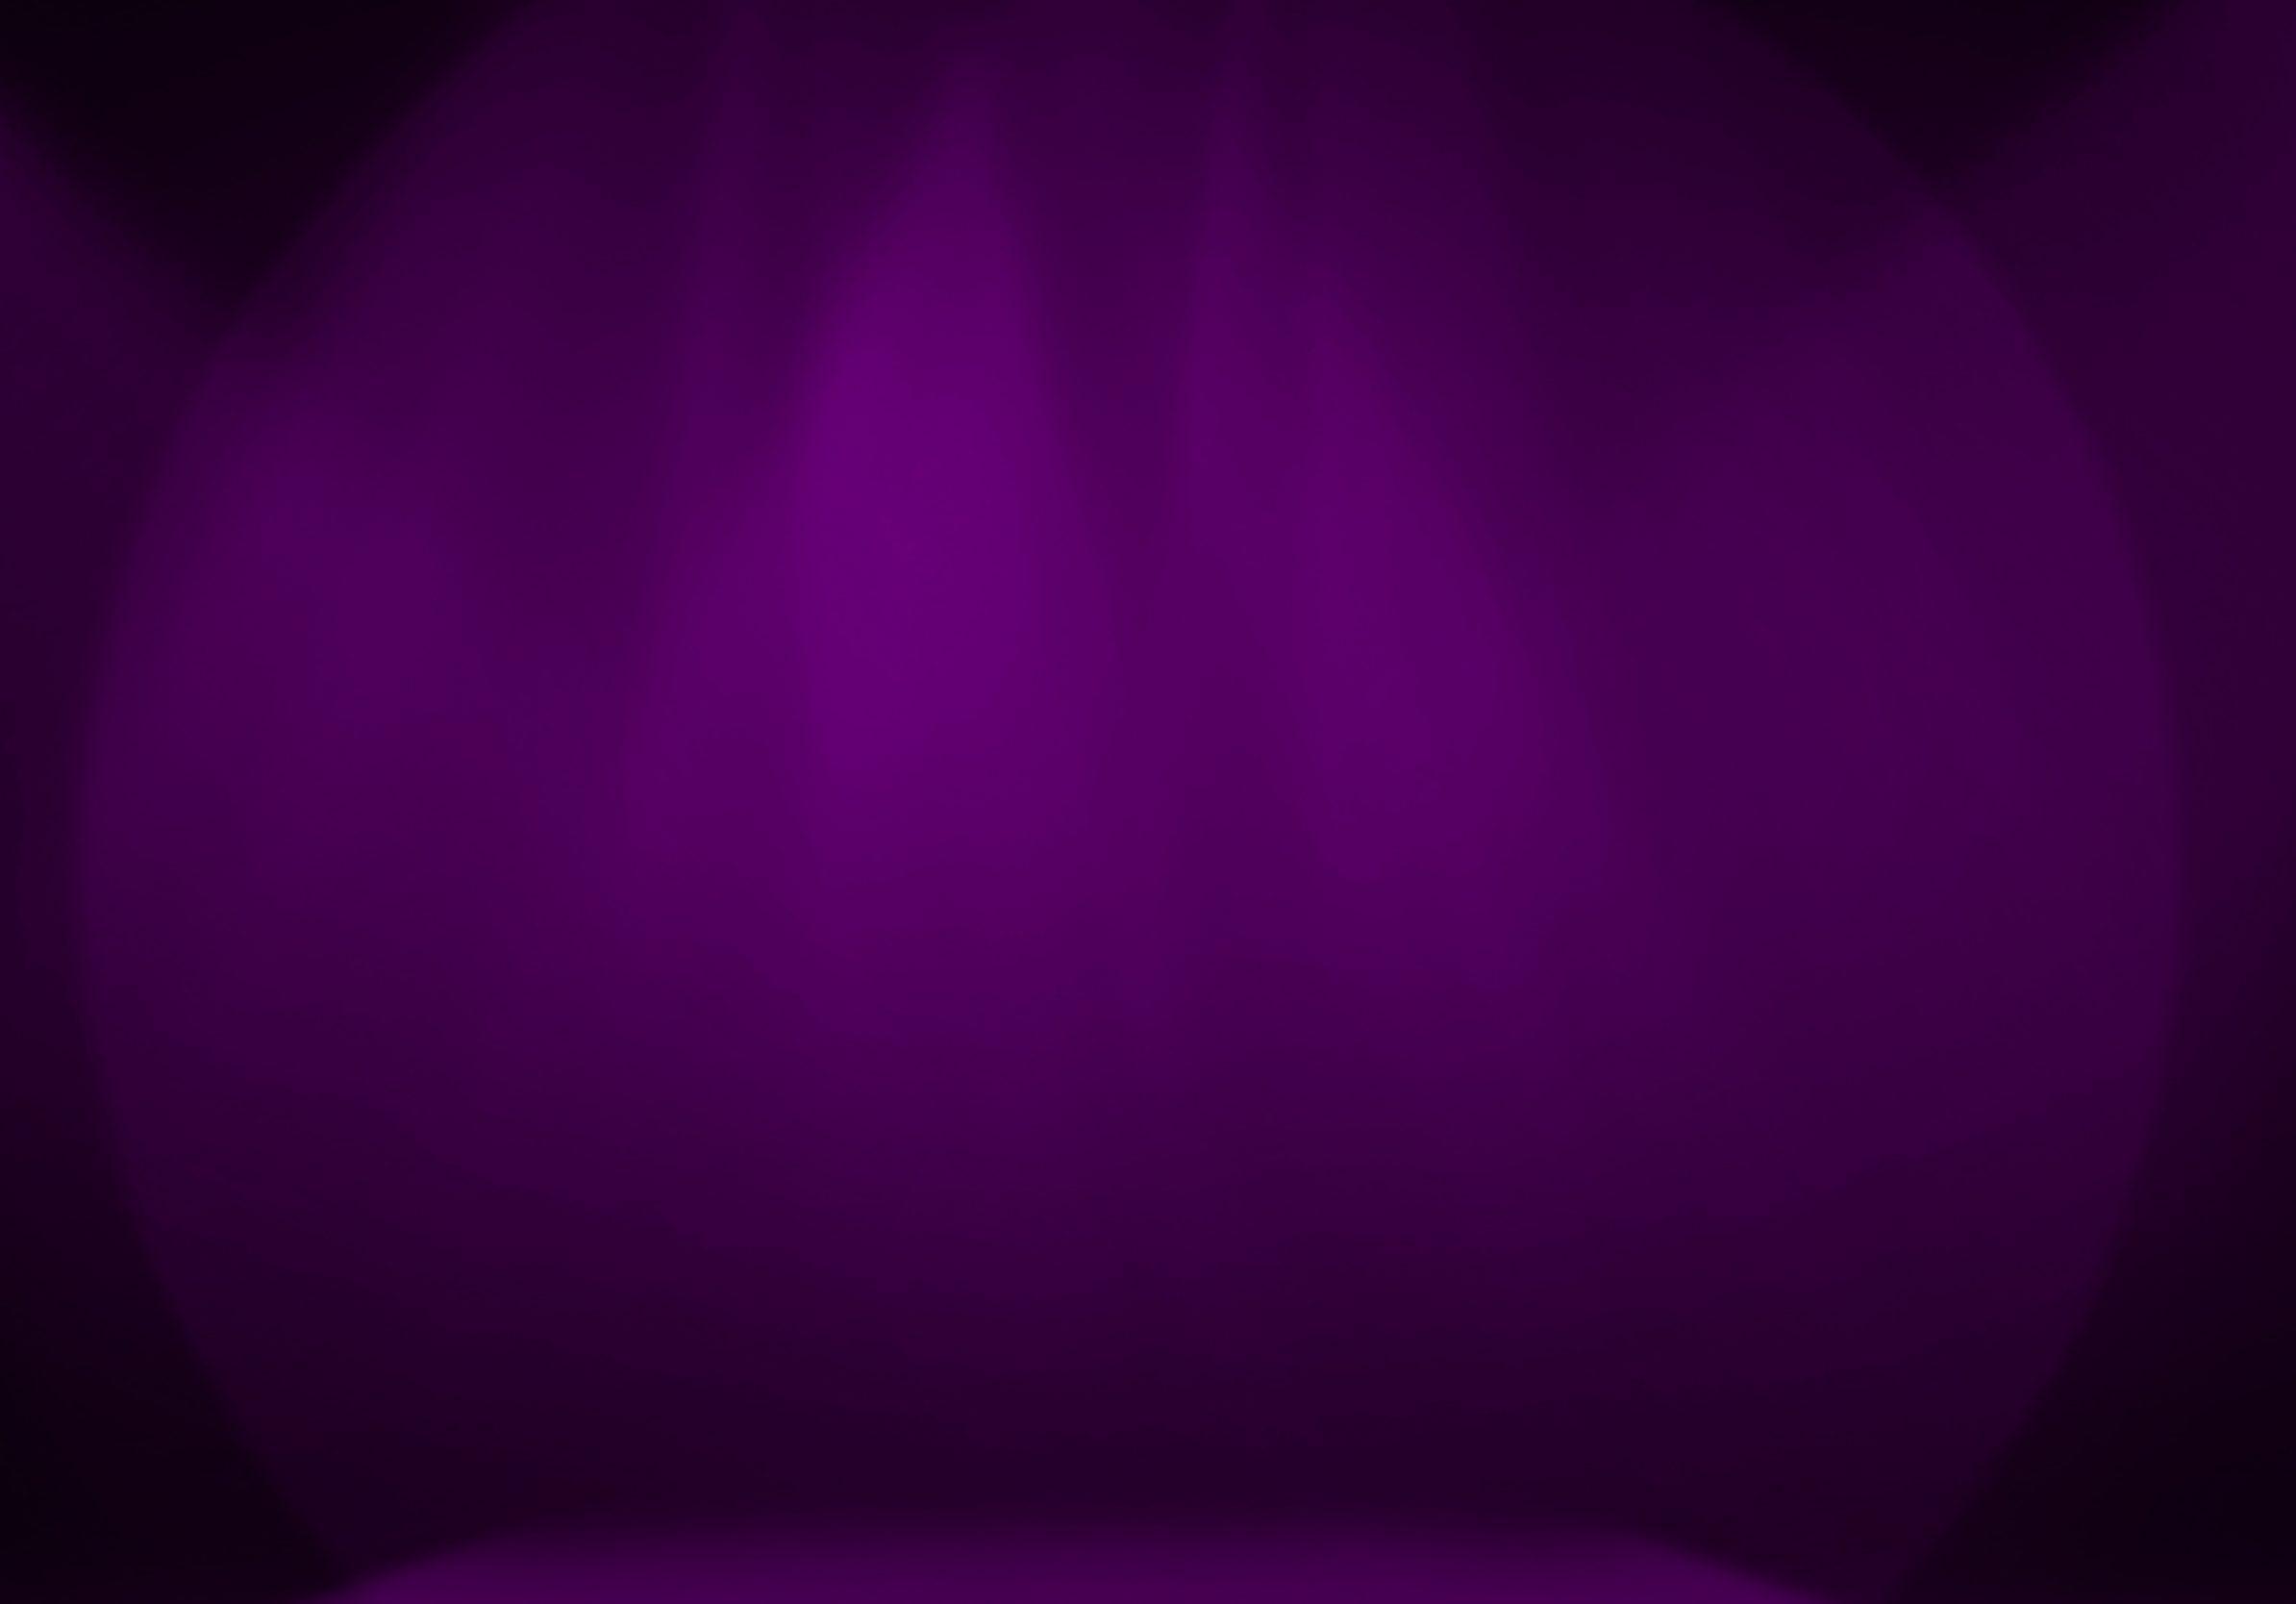 2388x1668 iPad Pro wallpapers Purple Stage Decoration iPad Wallpaper 2388x1668 pixels resolution